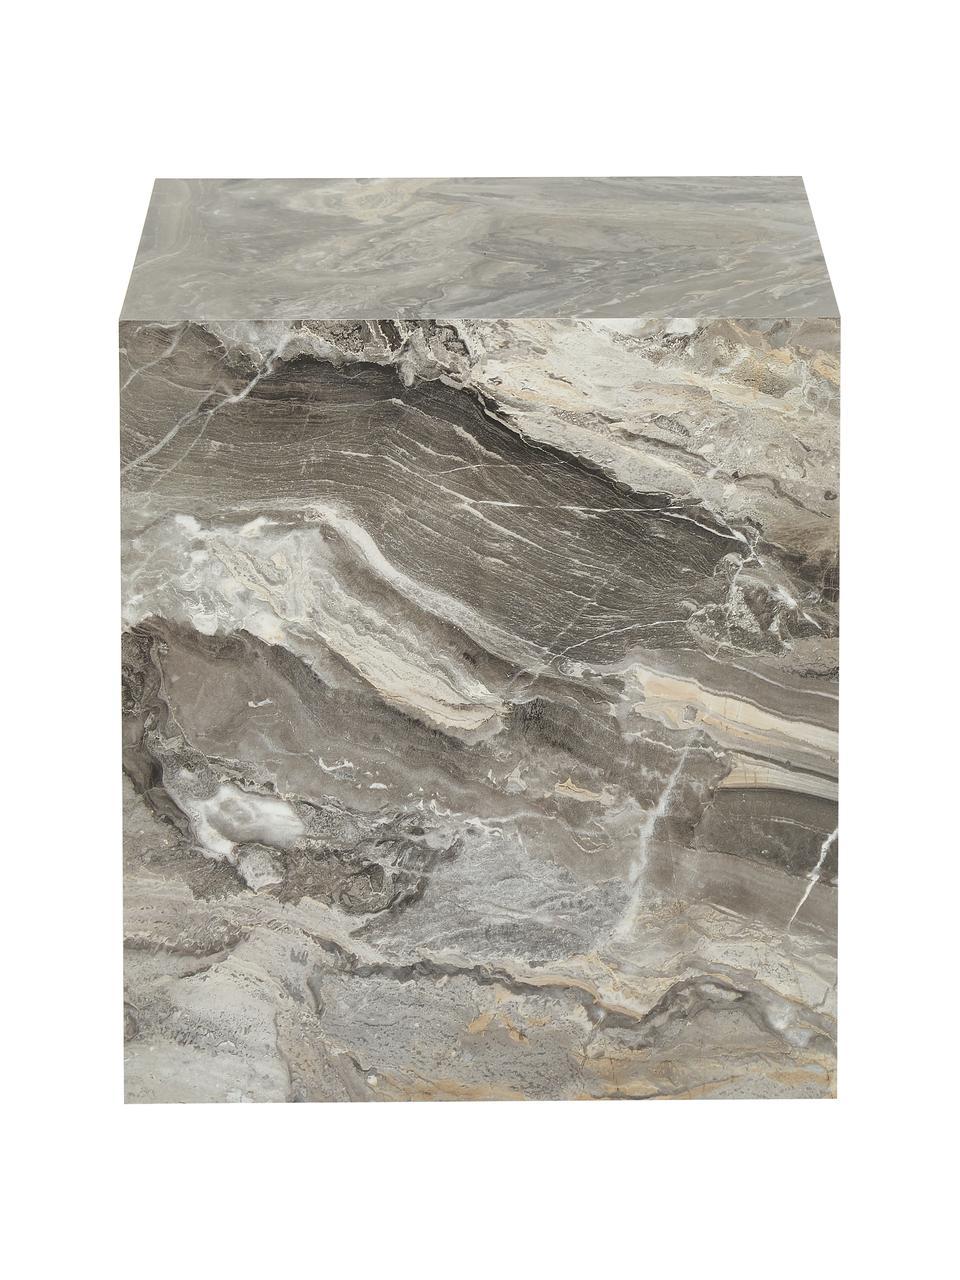 Stolik pomocniczy z imitacją marmuru Lesley, Płyta pilśniowa średniej gęstości (MDF) pokryta folią melaminową, Szary, imitacja marmuru, S 45 x W 50 cm